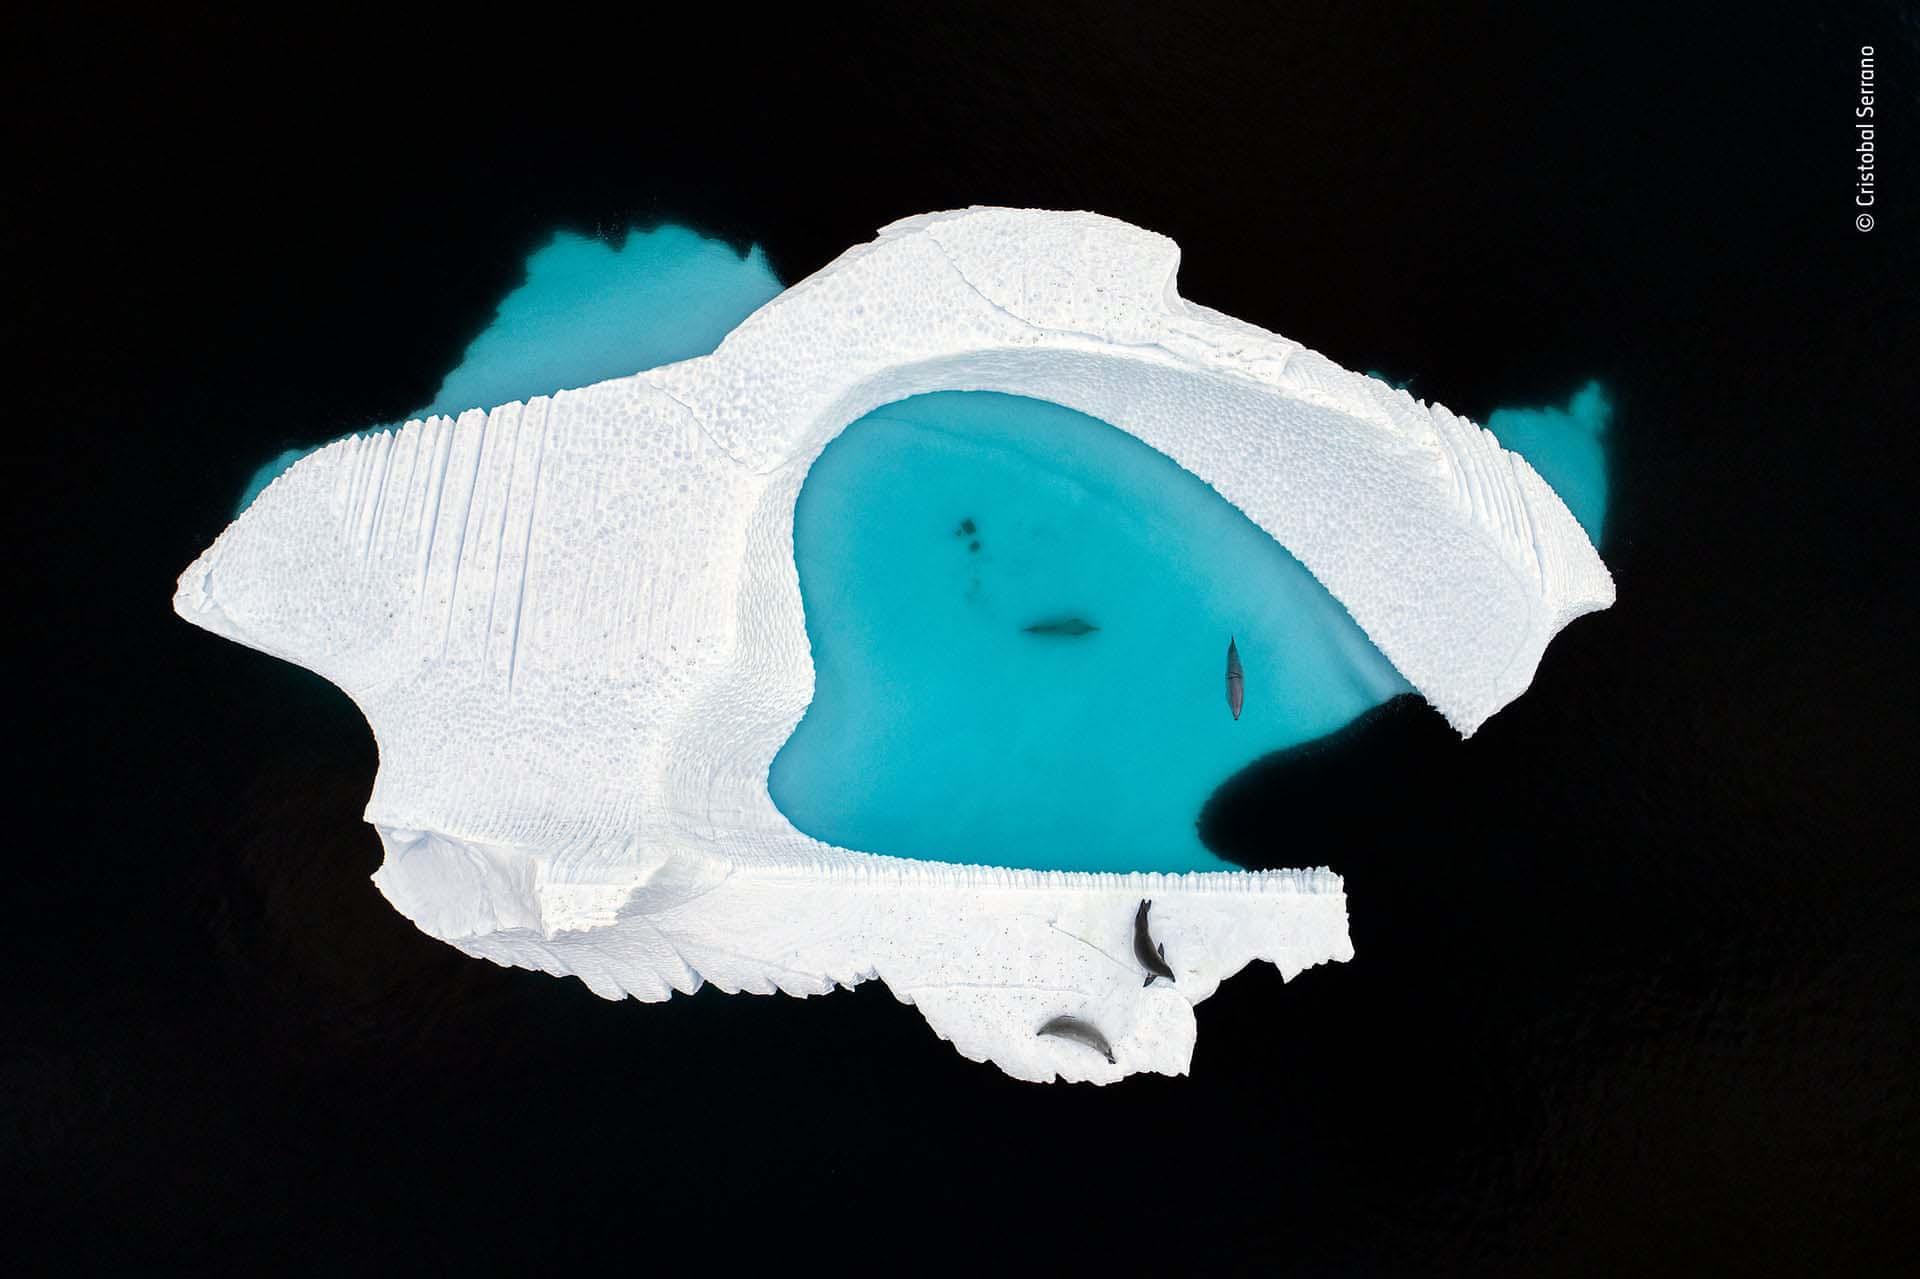 'La piscina helada': fotografía de Cristobal Serrano captó el canal Errera en la costa oeste de la Península Antártica, cuando la corriente constante lleva icebergs de todas las formas y tamaños